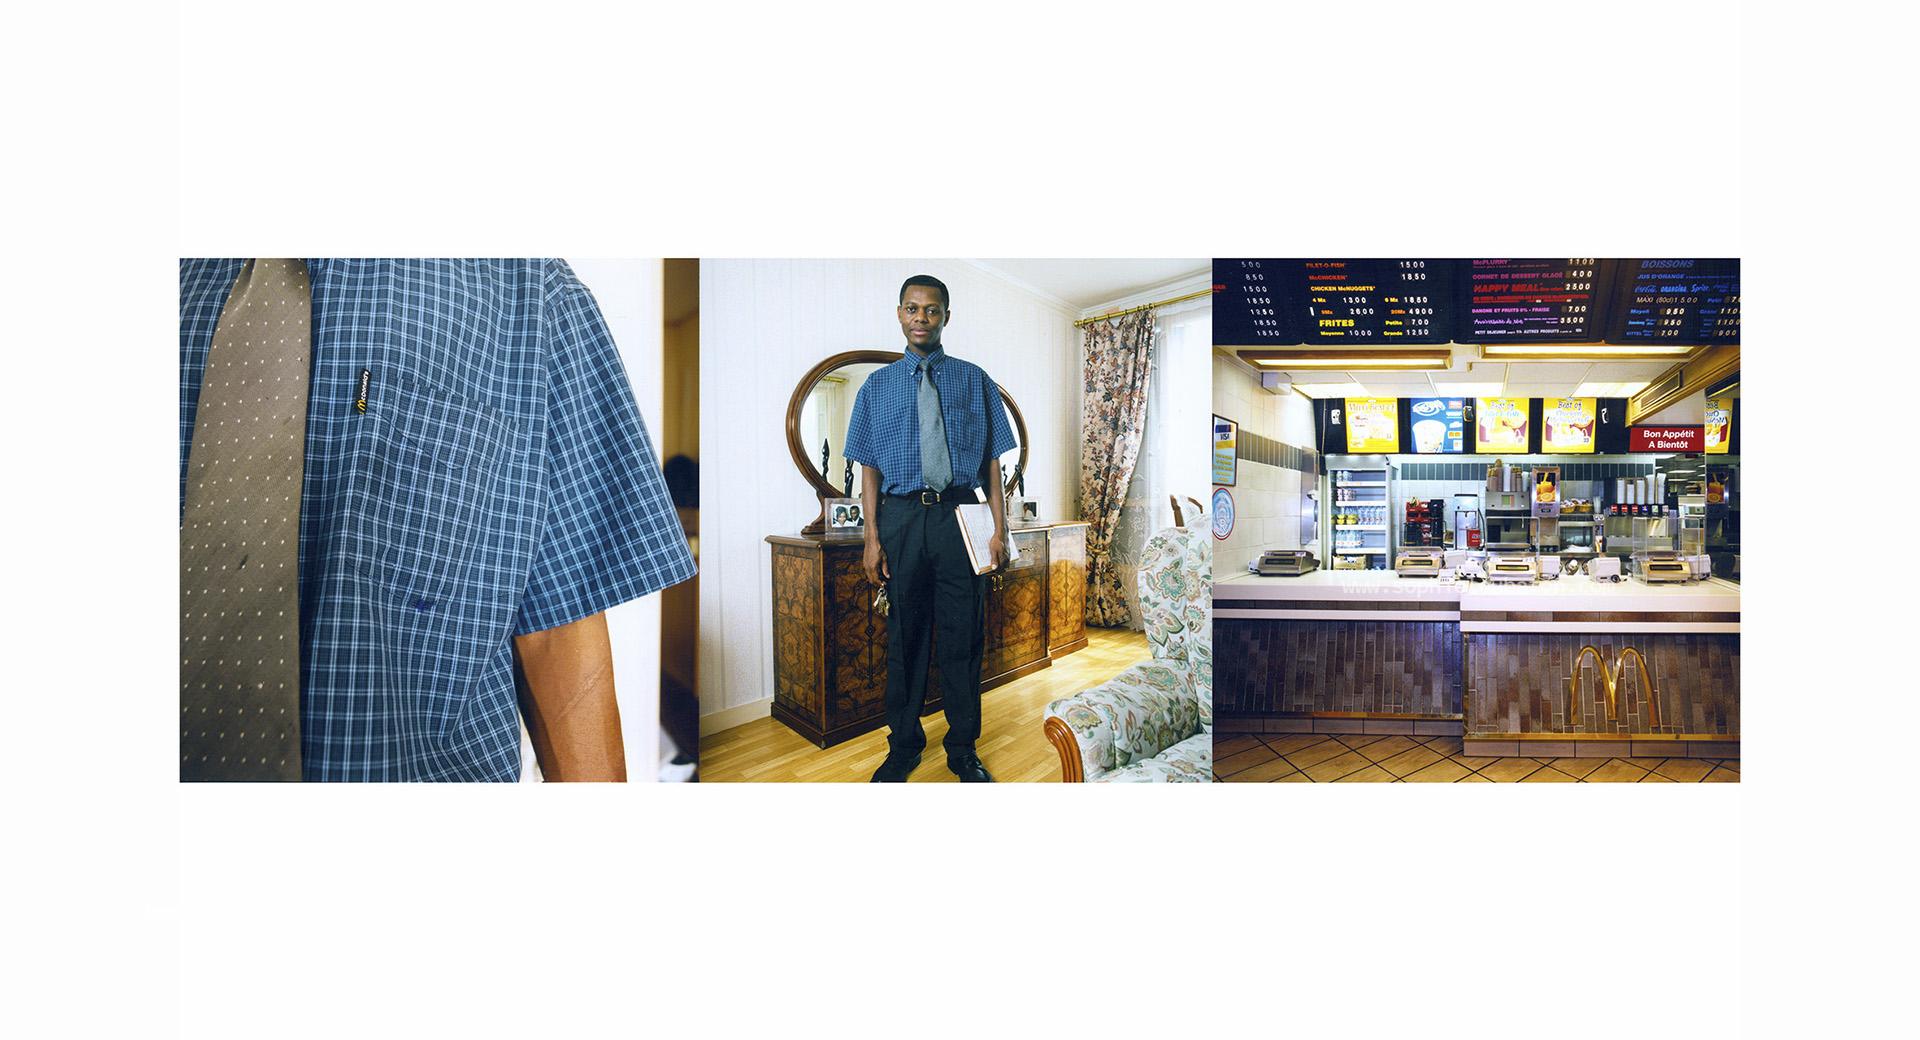 """Jean a 35 ans, et 11 ans de Mc Do. «Je suis rentré comme équipier pour financer mes études d'économie. Aîné de ma famille, j'ai du travailler rapidement suite au divorce de mes parents. J'ai évolué rapidement, d'équipier, je suis monté «swing», puis je suis devenu manager». Fort de son ancienneté, c'est lui qui a vu défiler les costumes : """"des chemises blanches, des bleues, des bleues avec des pois, des cravates unies, des rayées, avec ou sans logo... Tous les matins, je pars habillé en Mc Do. Ce que nous portons, nous les managers, c'est discret. C'est presque comme un costume de ville. Pourtant, dans mon quartier presque tout le monde sait que je travaille chez Mc Do. Parfois quand je fais mes courses, on me dit «bonjour monsieur Mc Do...»"""